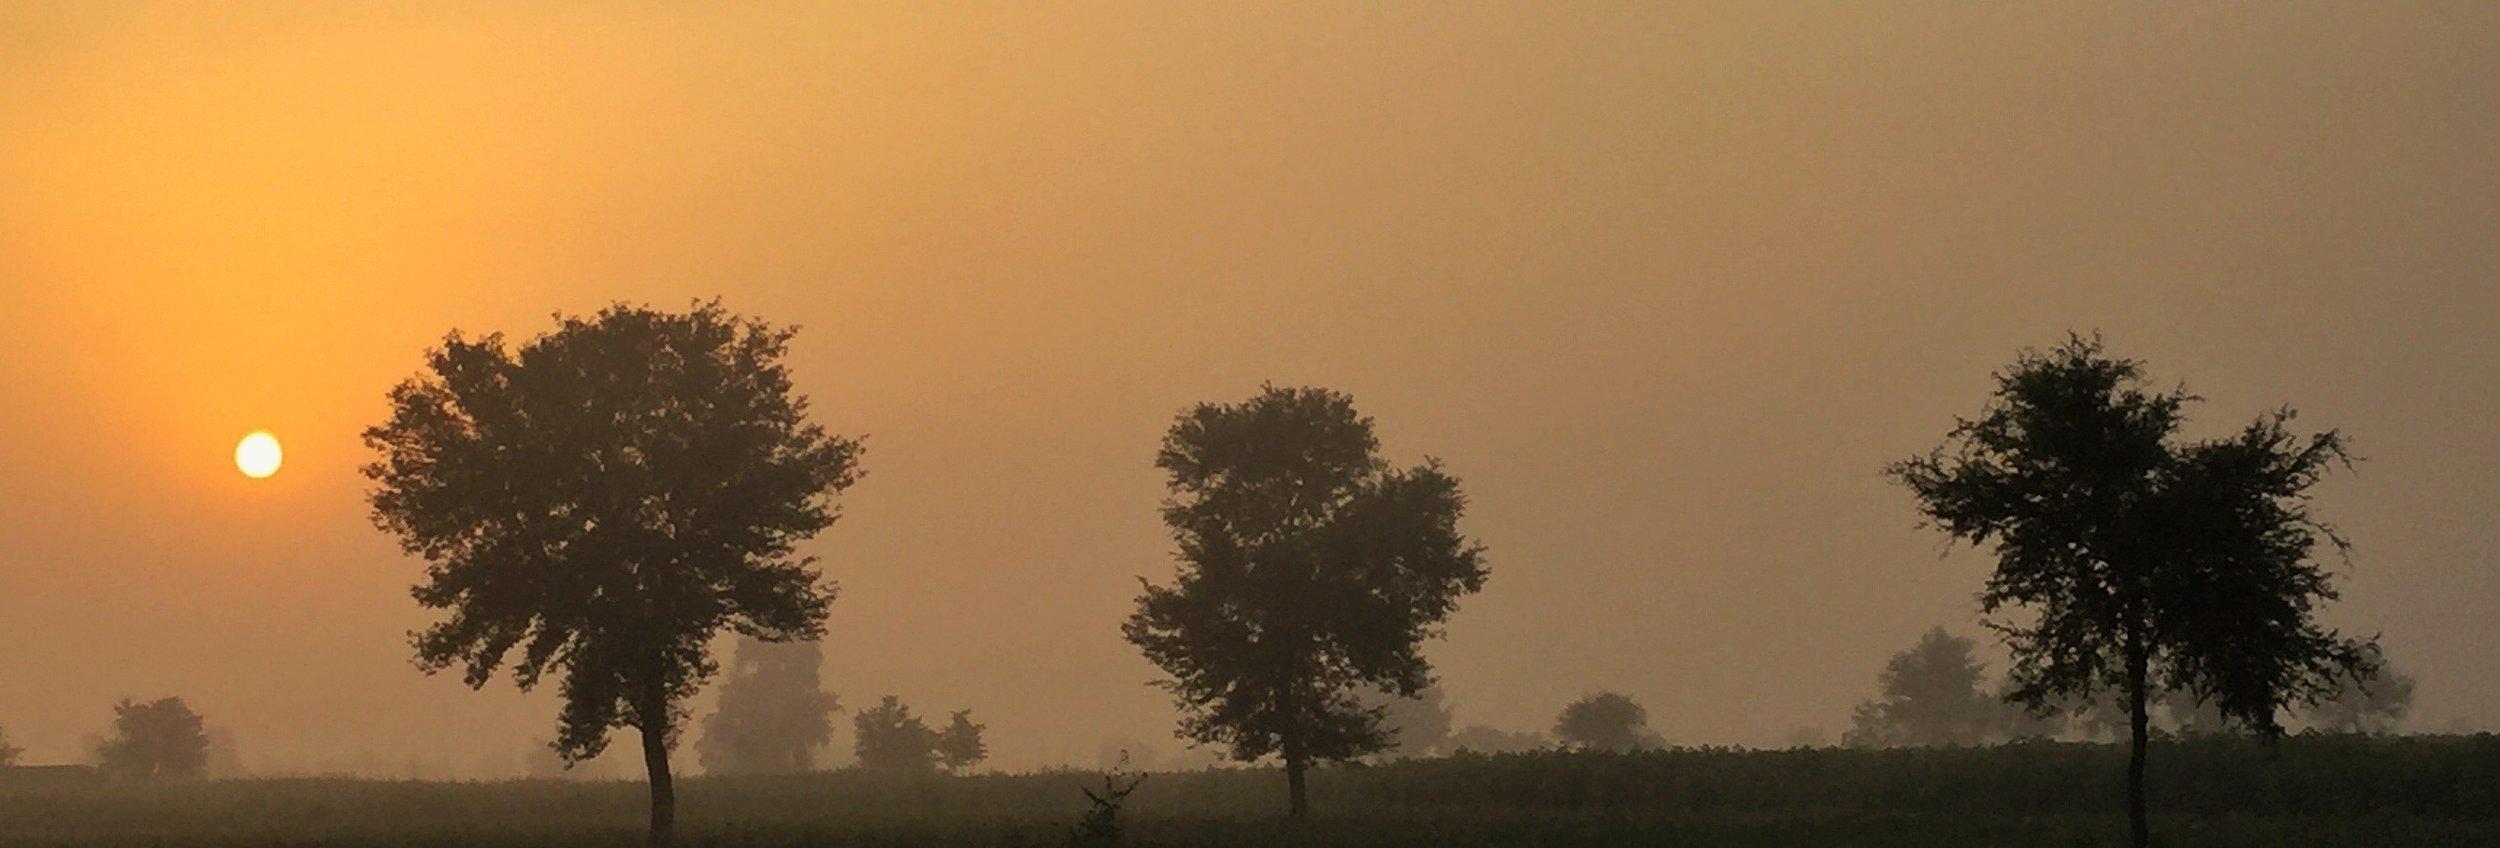 Sunrise over Krishan Rao's Sheesham trees